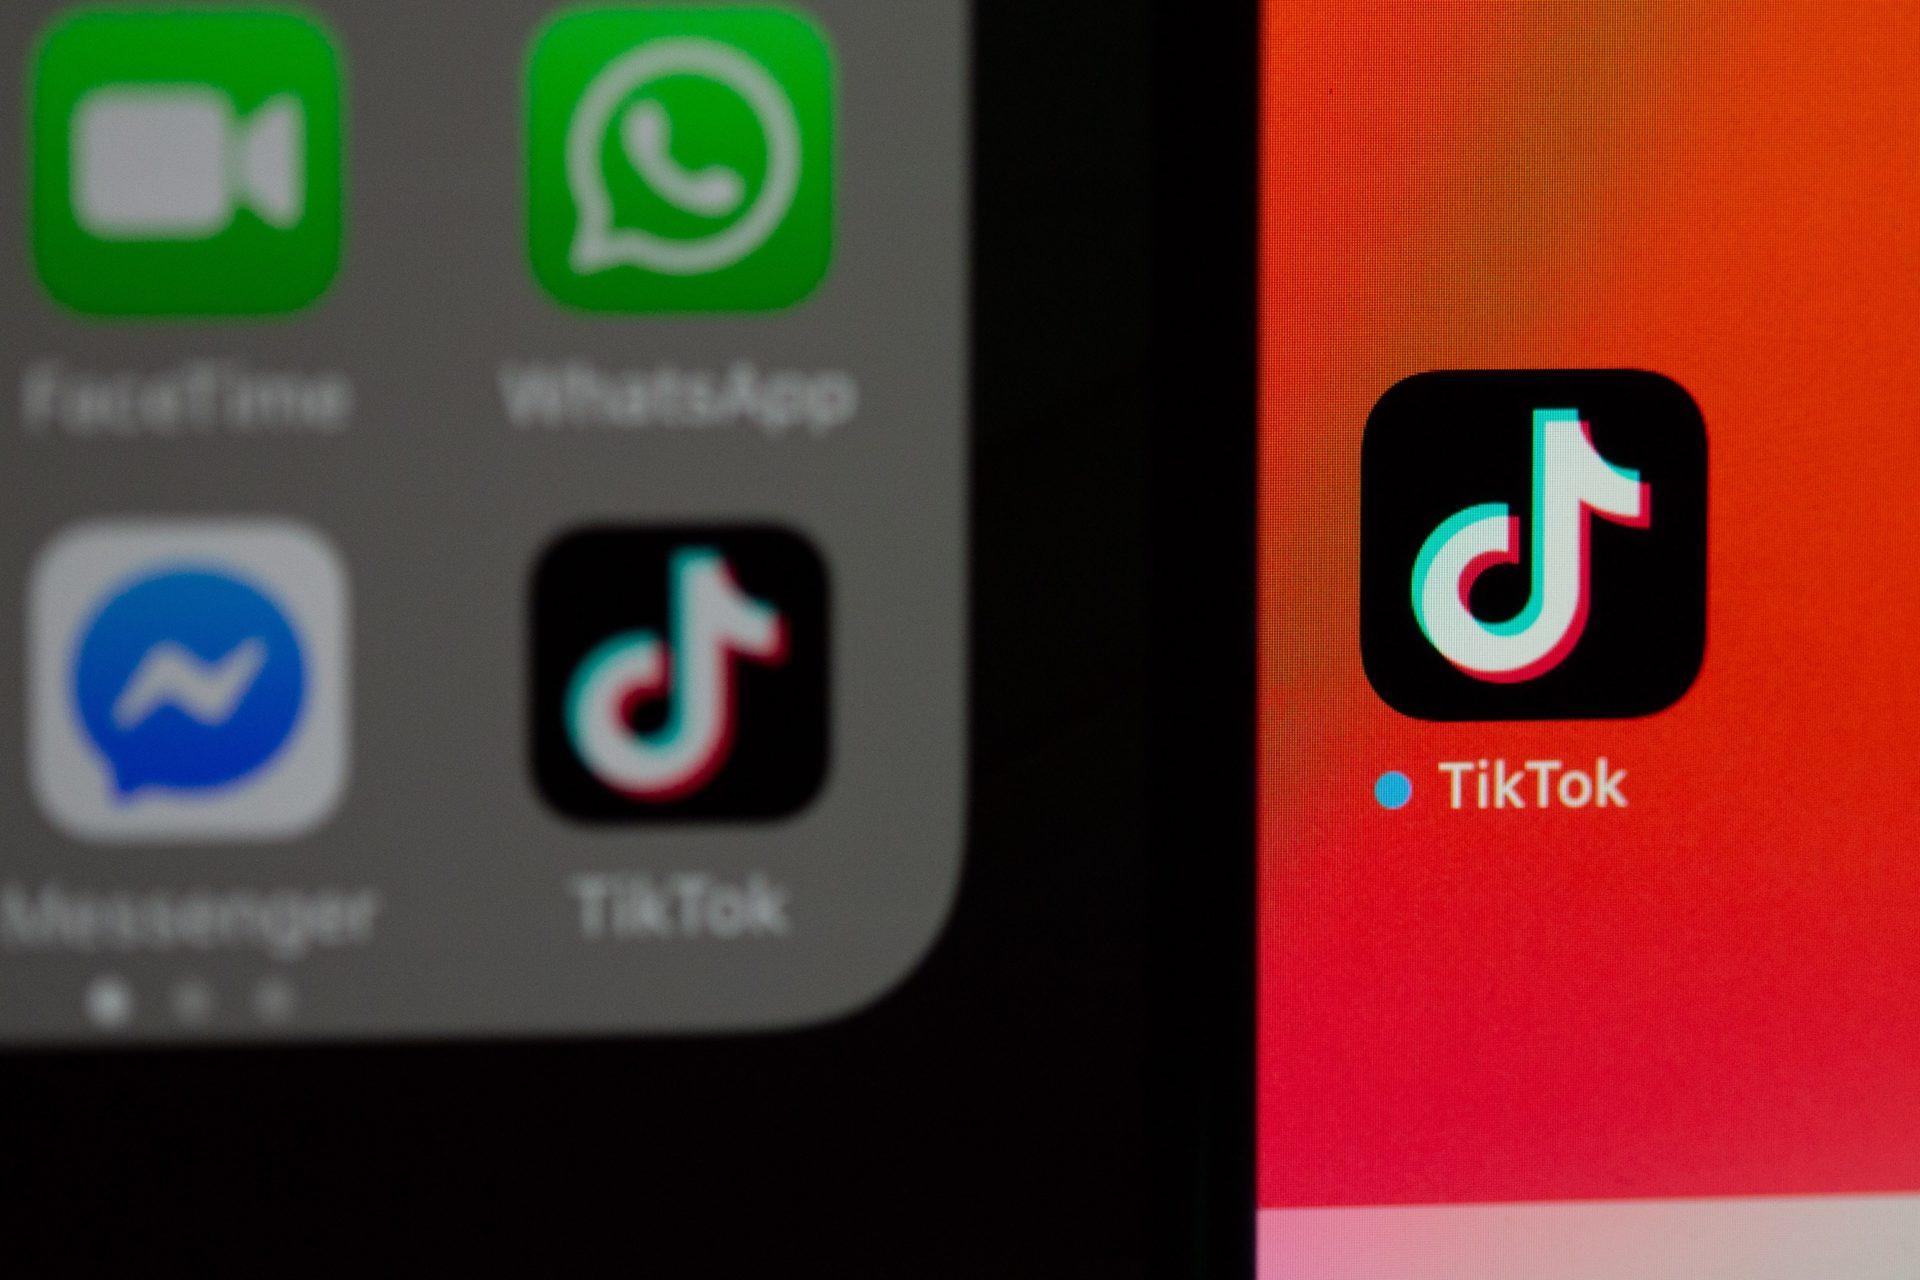 TikTok new app notification